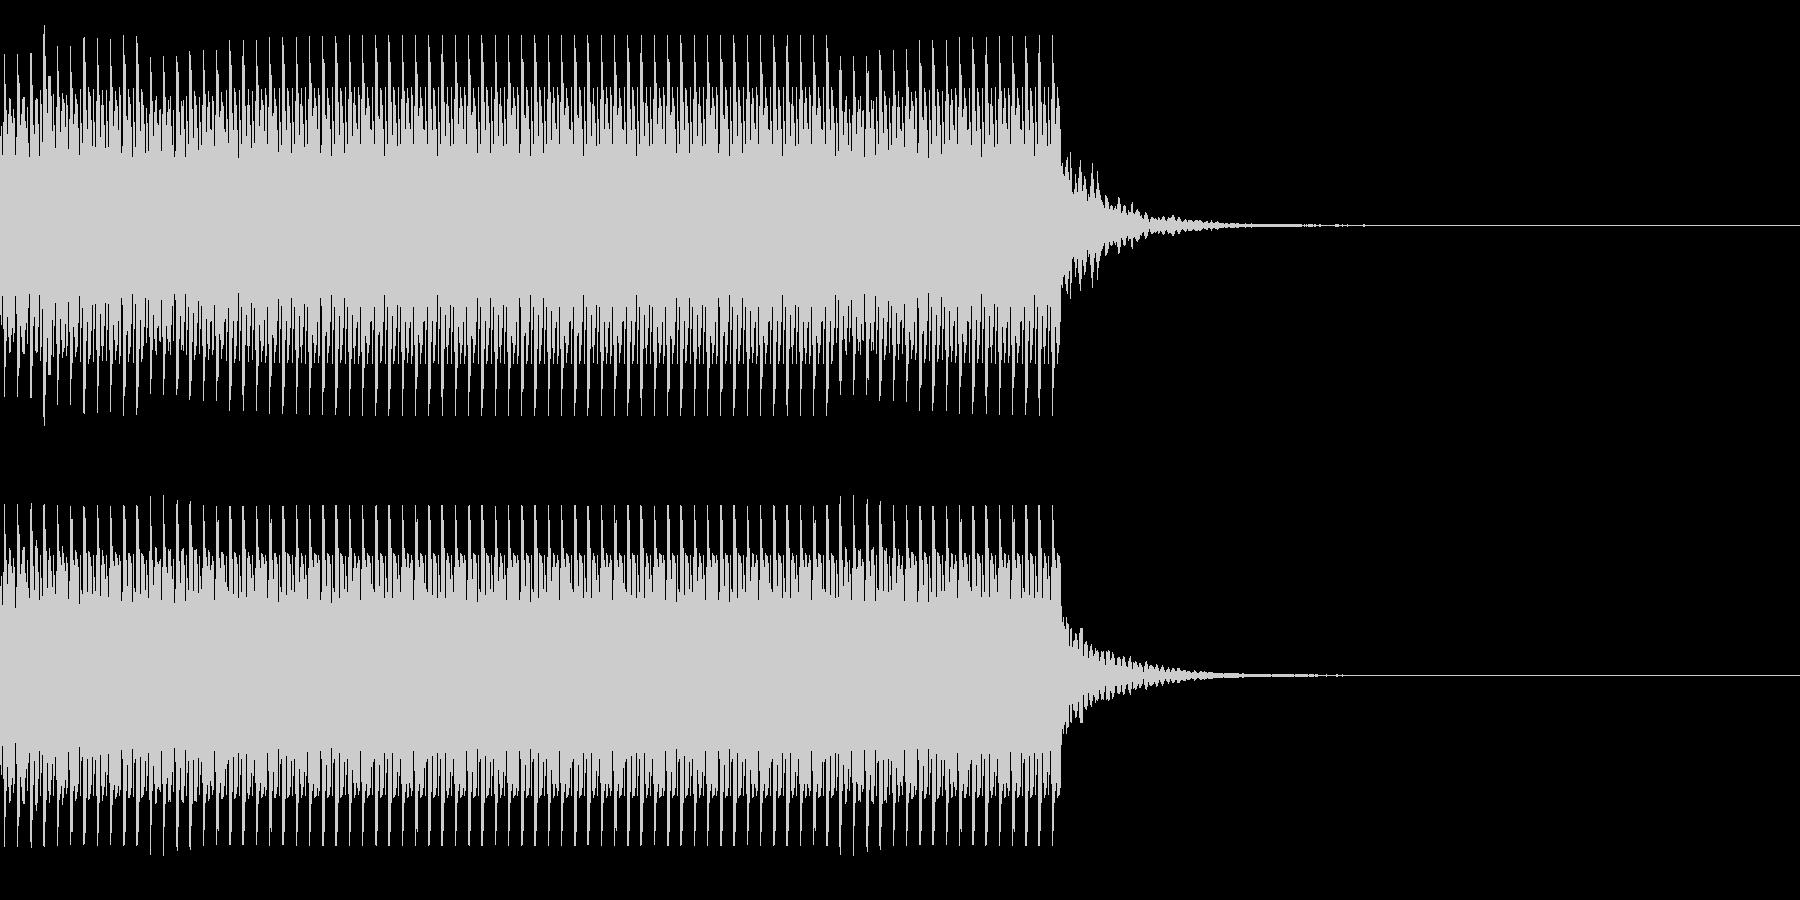 コイン80枚獲得 集計 チャリン の未再生の波形